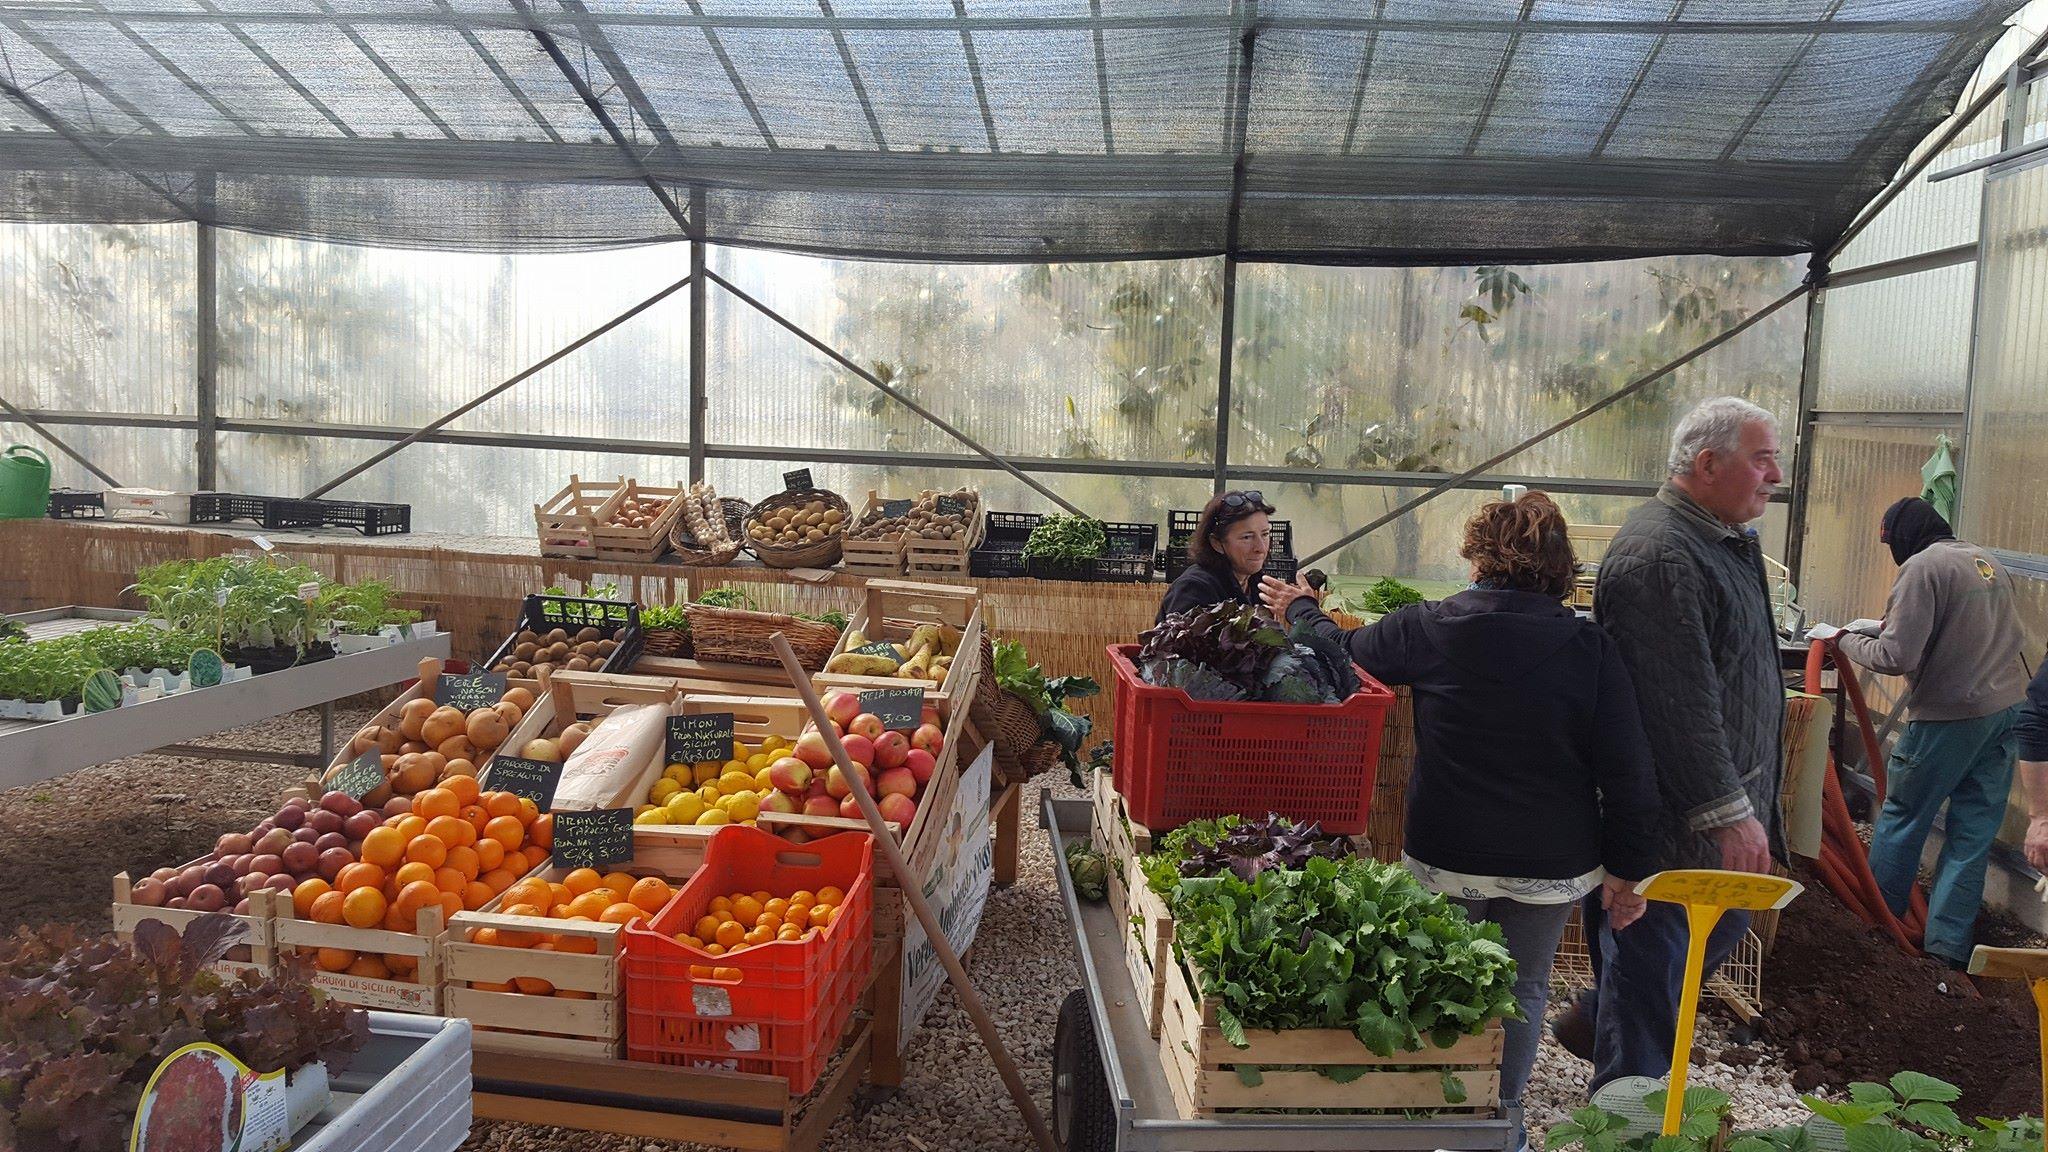 delle cassette di frutta e verdura e delle persone